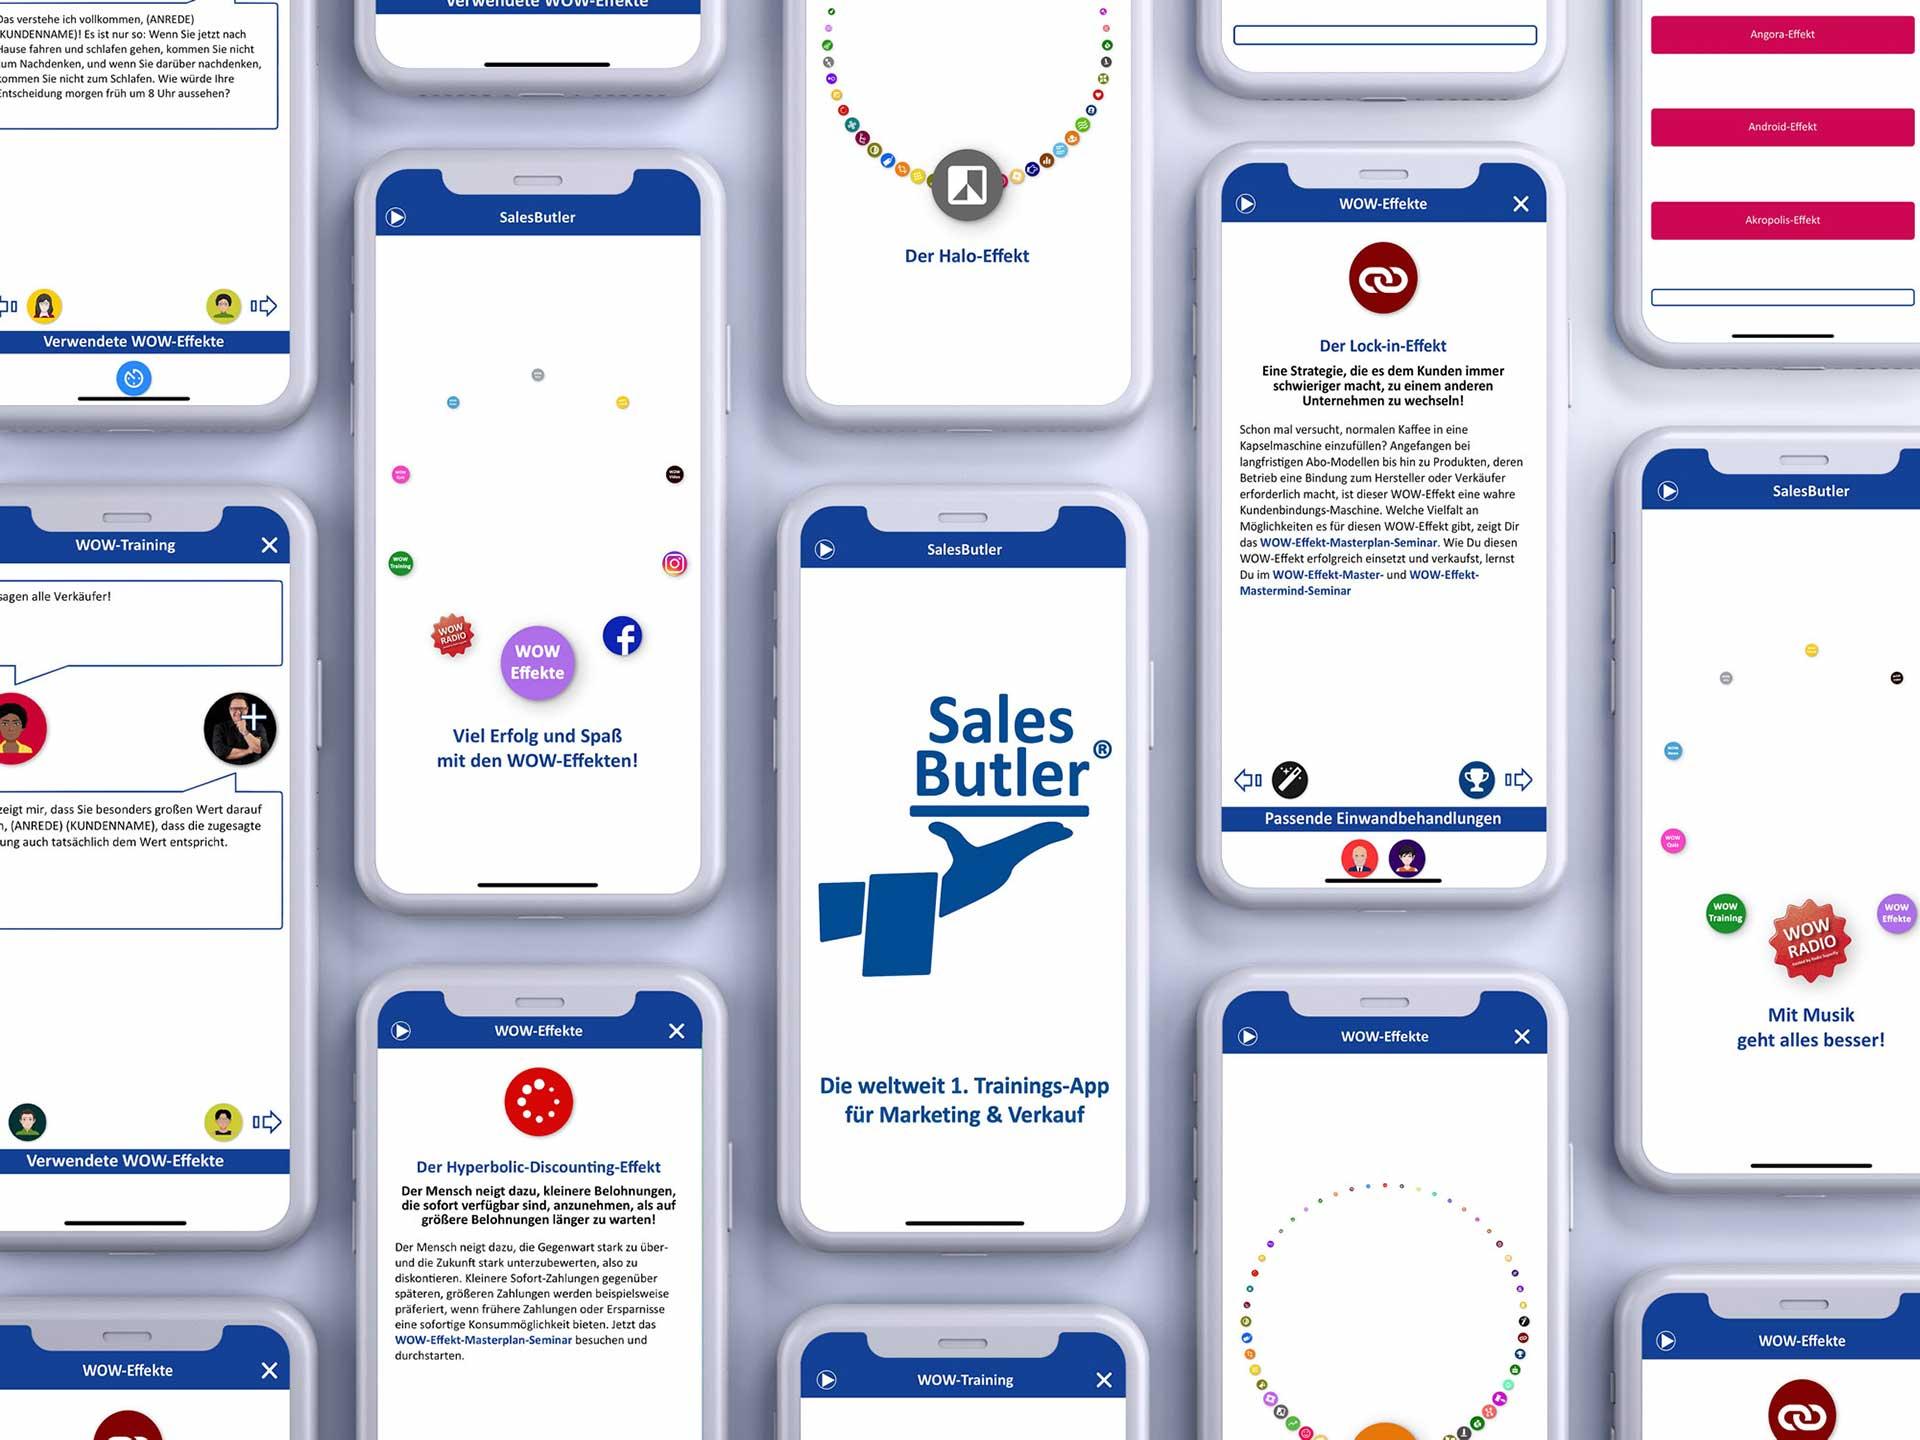 Die vielen Möglichkeiten in der SalesButler®-App